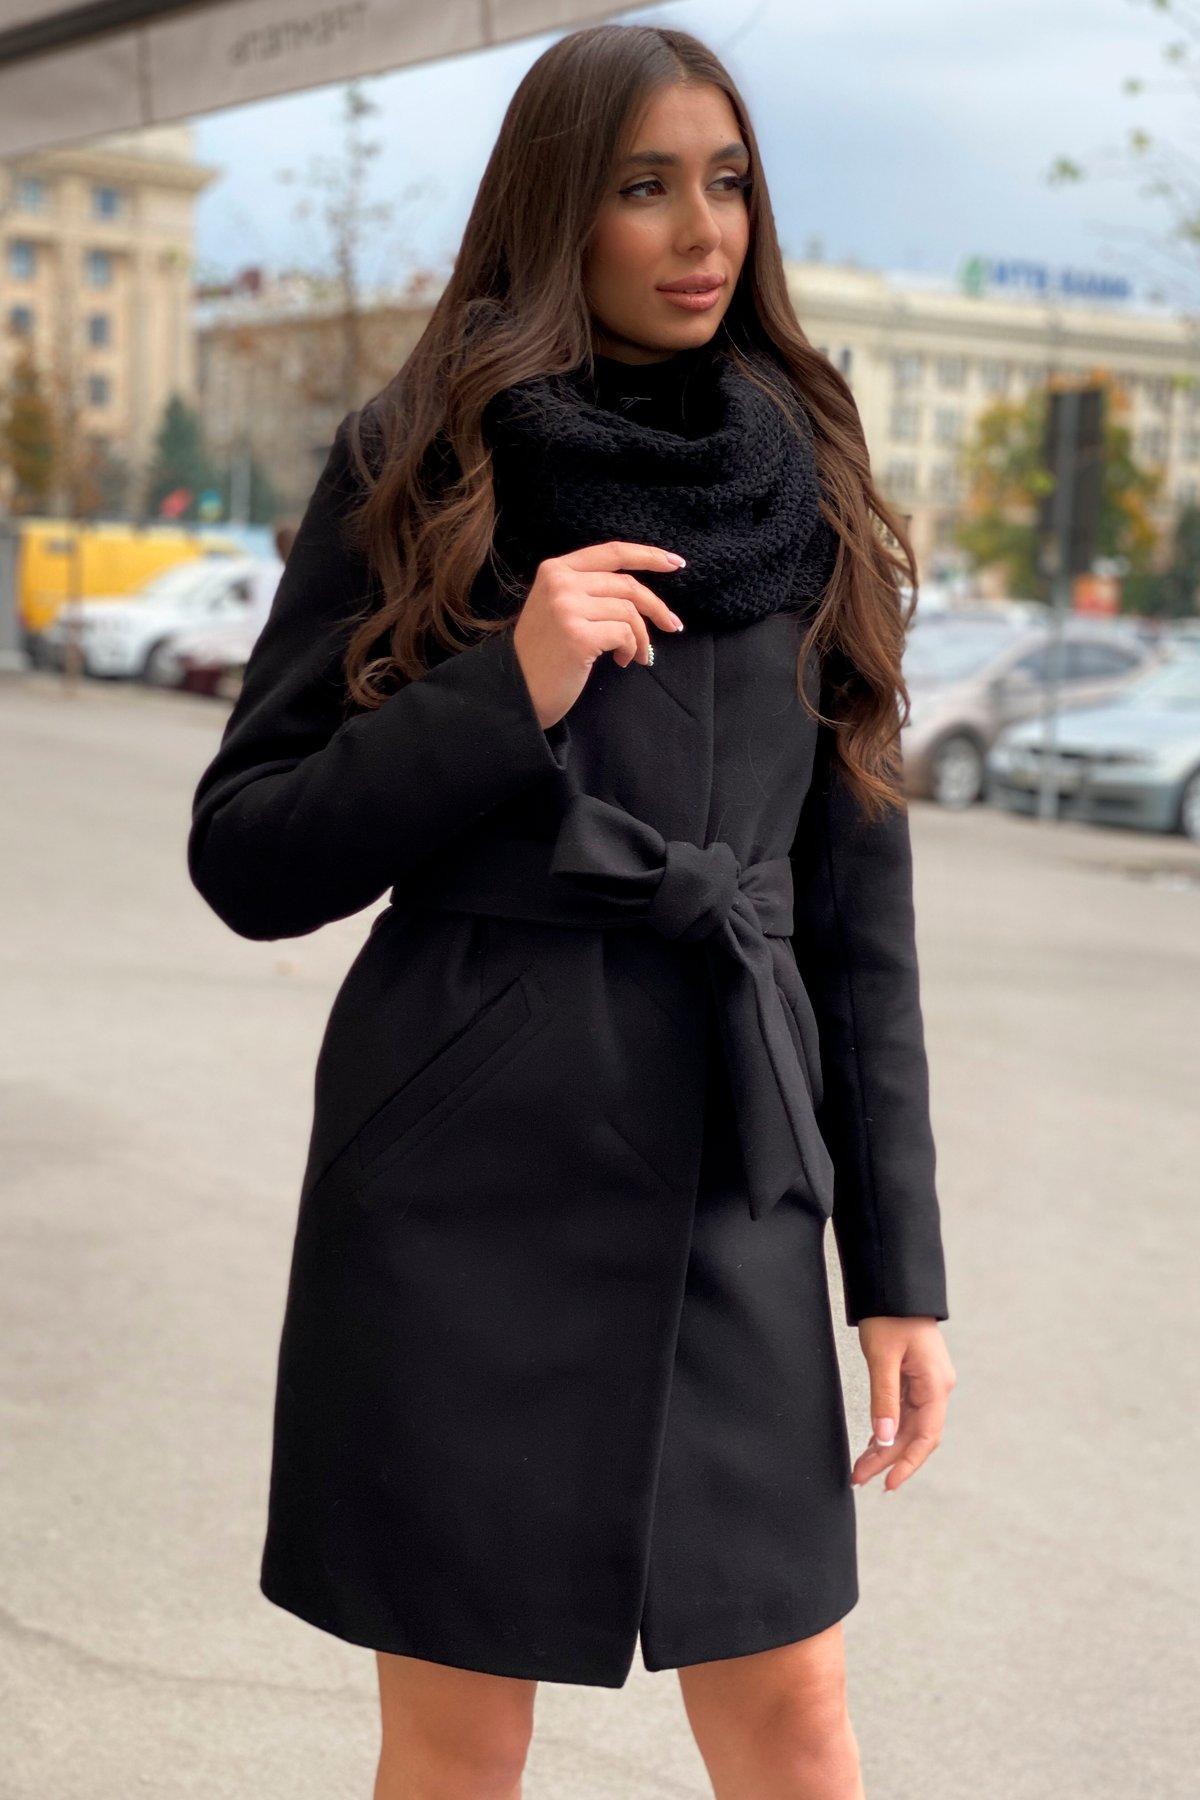 Пальто зима с хомутом Люцея 8211 АРТ. 44225 Цвет: Черный Н-1 - фото 1, интернет магазин tm-modus.ru